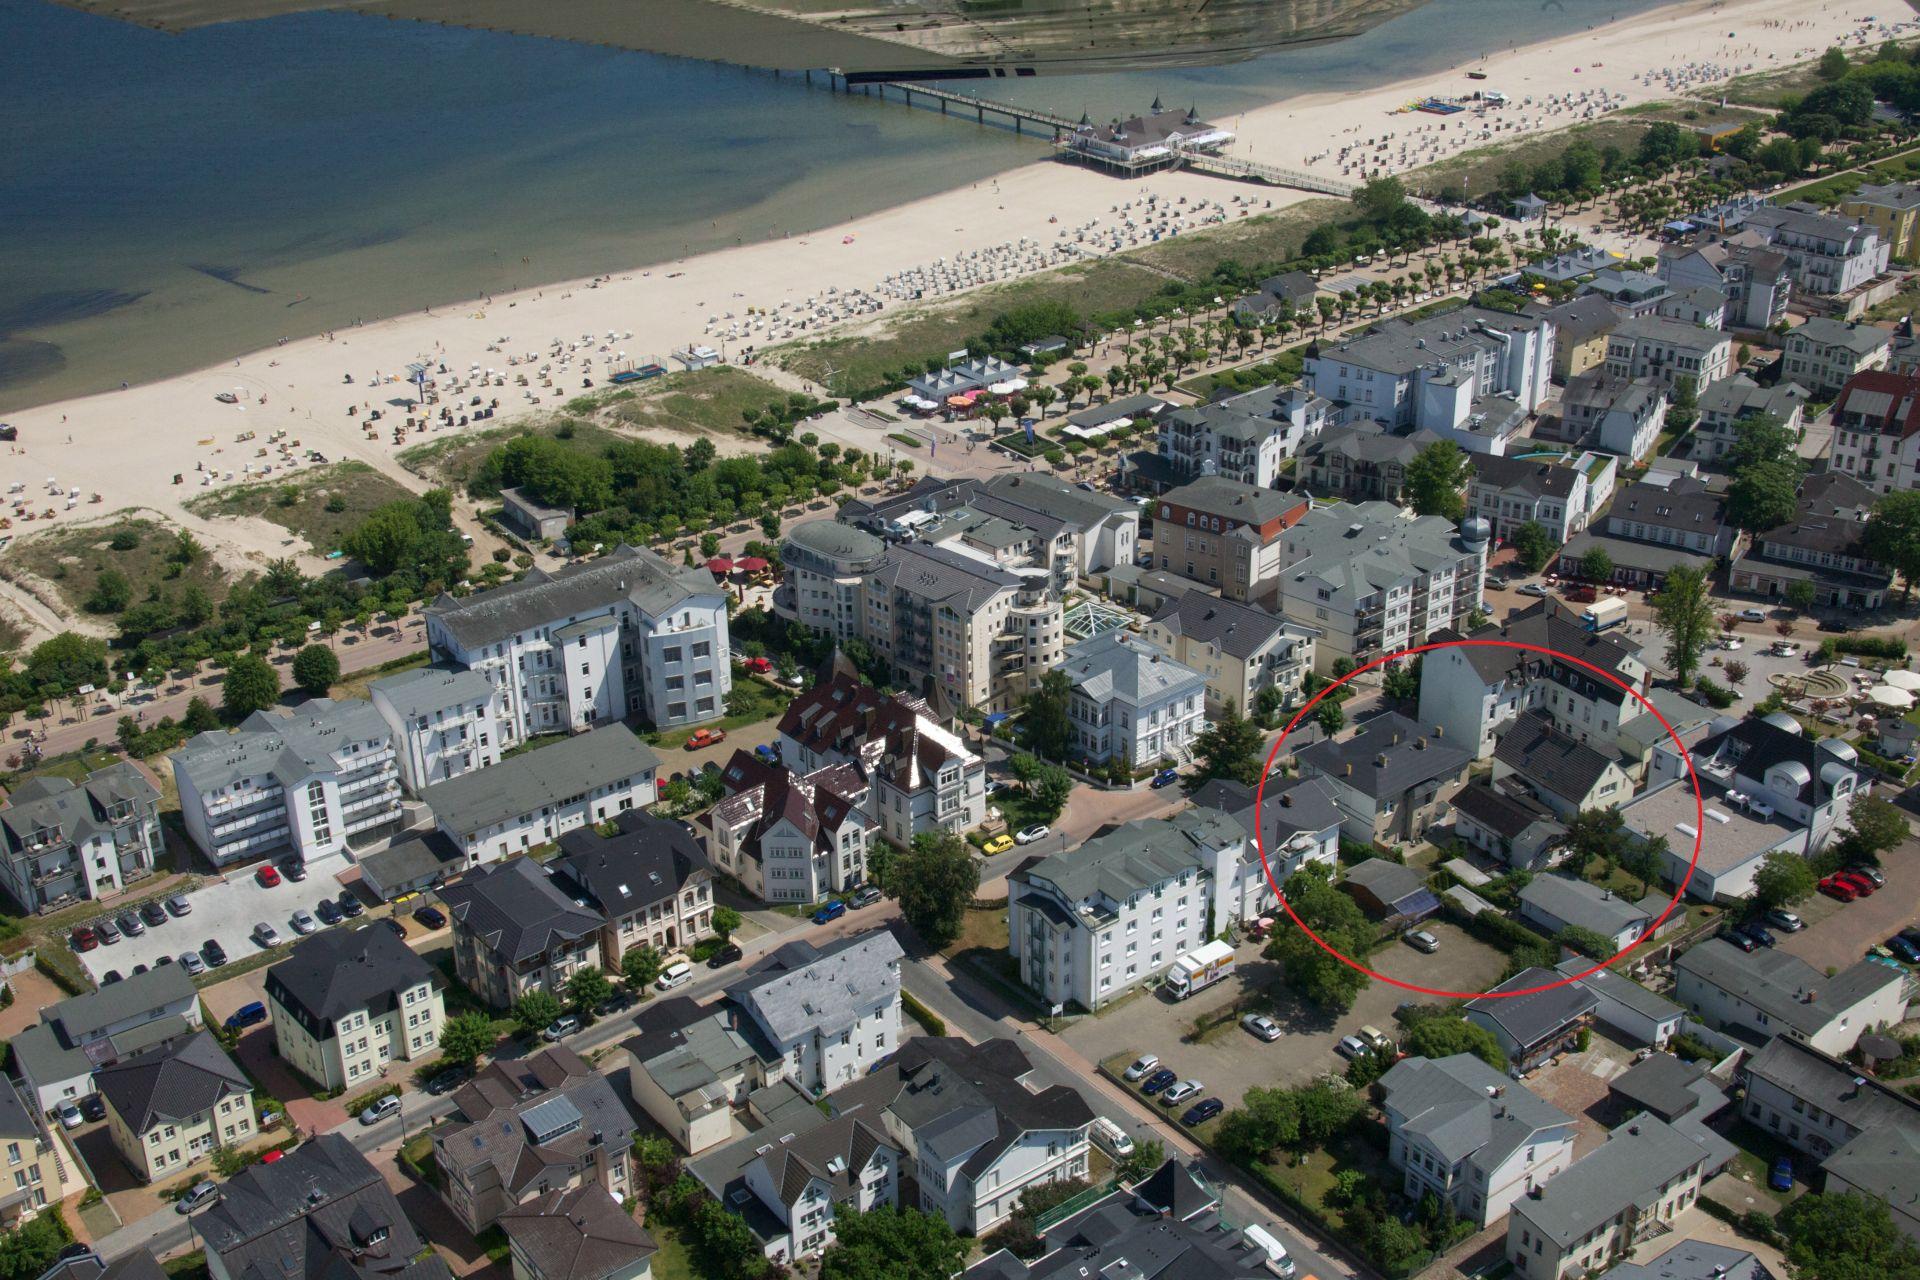 1.3 Luftbild Ahlbeck mit Markierung Aufnachusedom Ferienwohnung Ferienhaus und Meehr Ahlbeck Bansin Usedom Insel 8 - Ferienhaus Ahlbeck